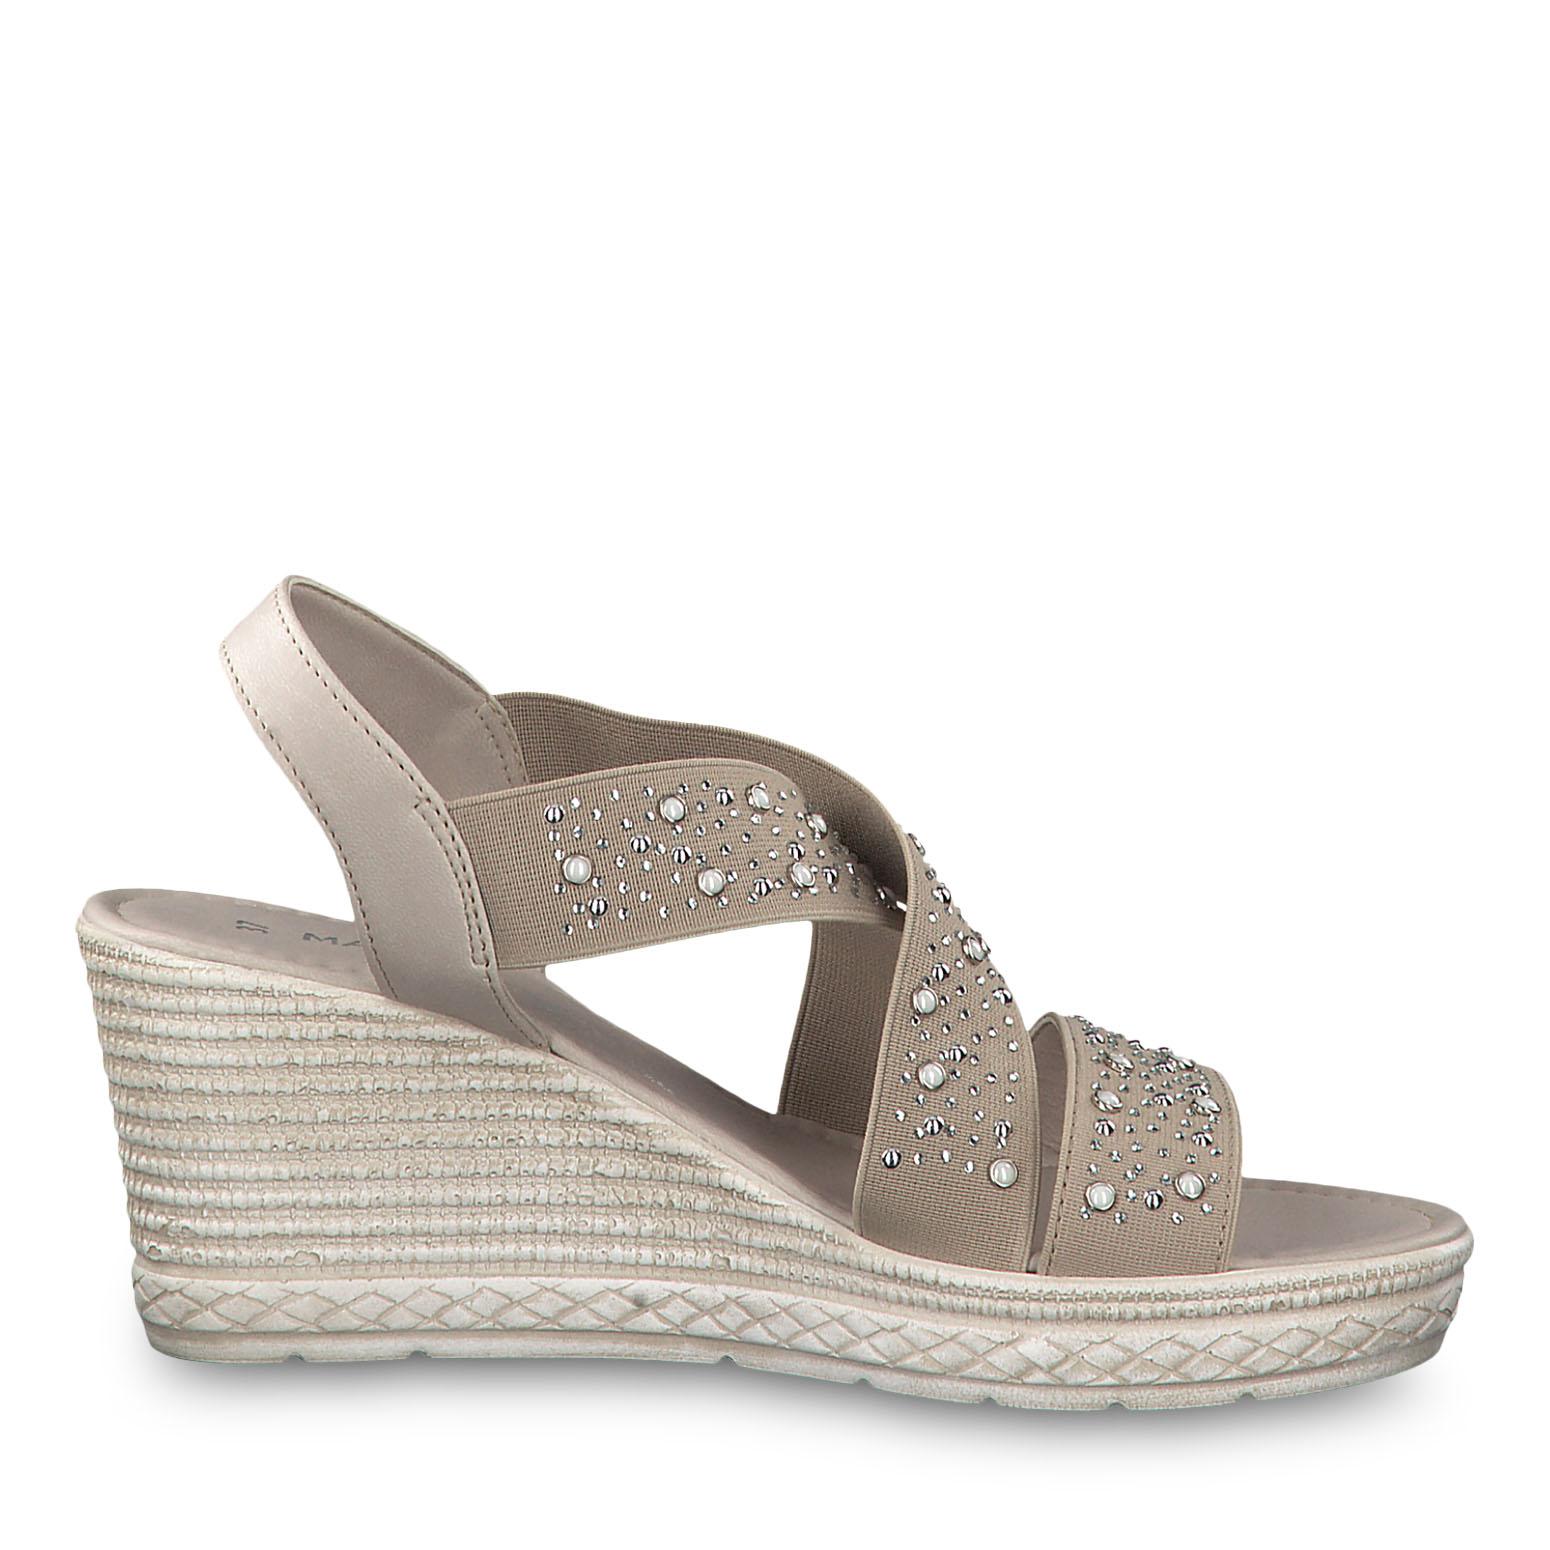 null 2 2 28345 22: Healed sandals von Marco Tozzi online kaufen!